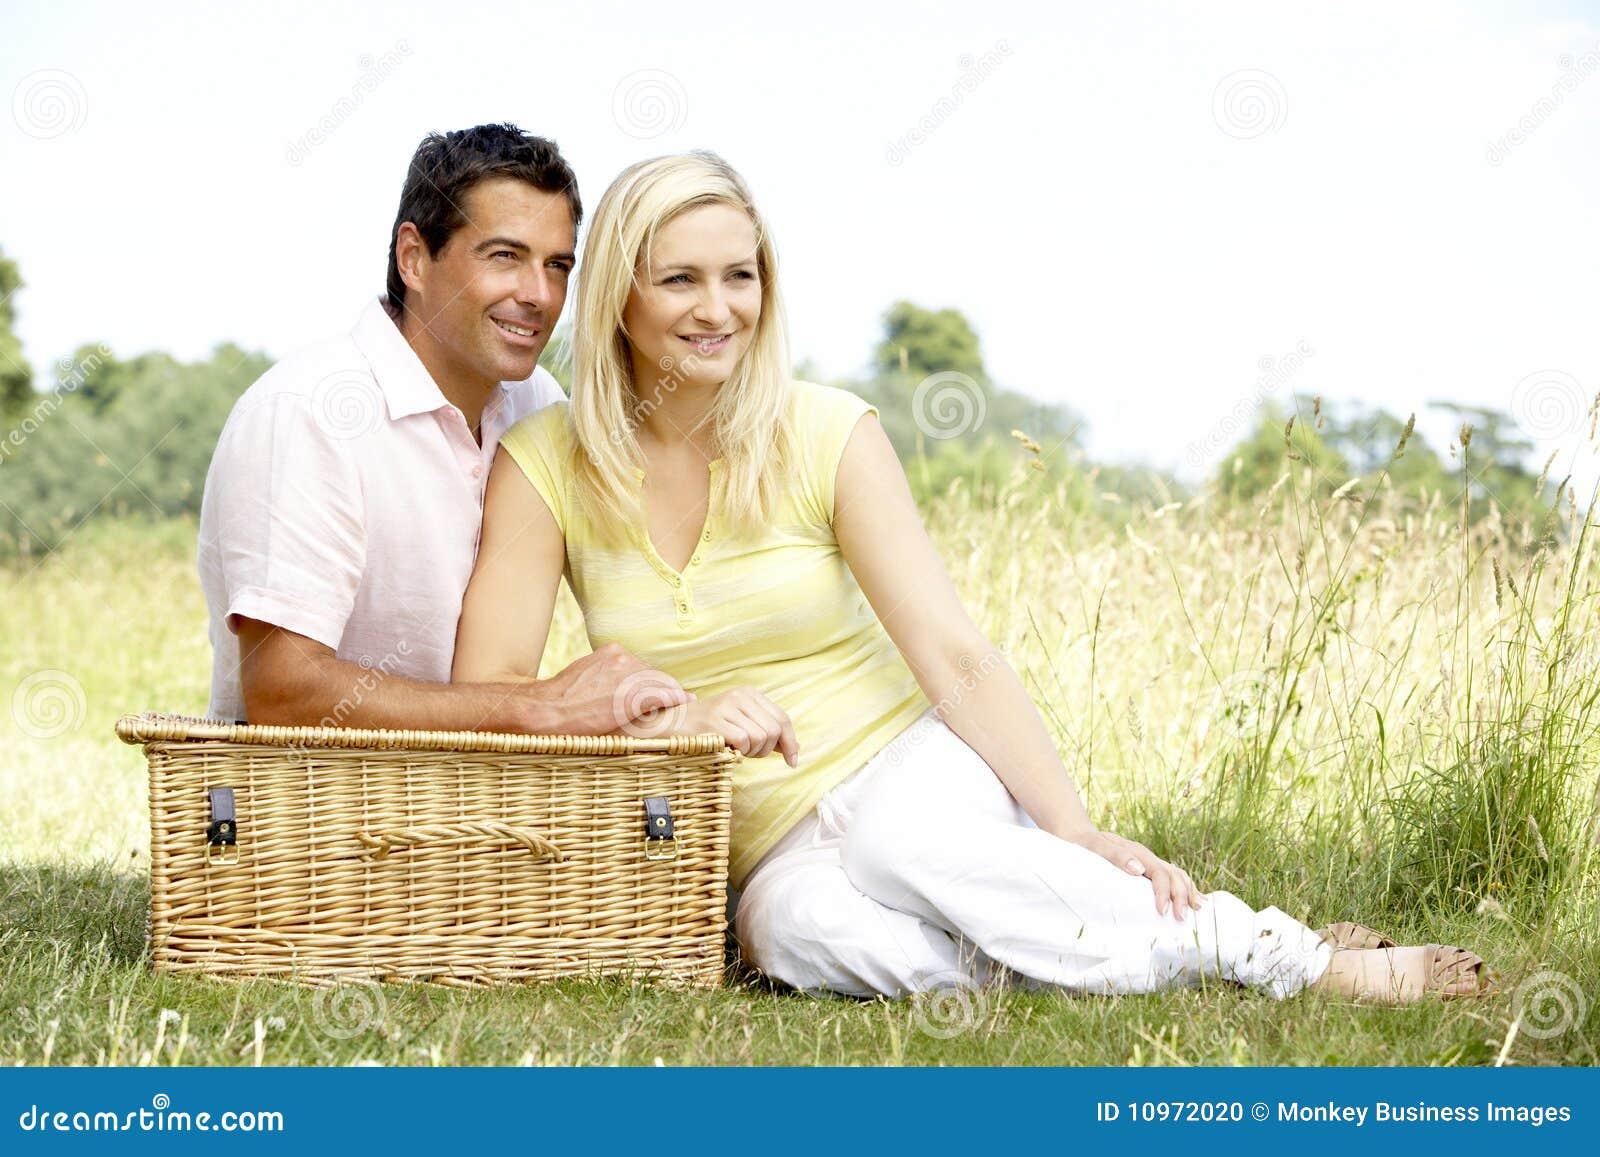 С женой на пикнике 13 фотография